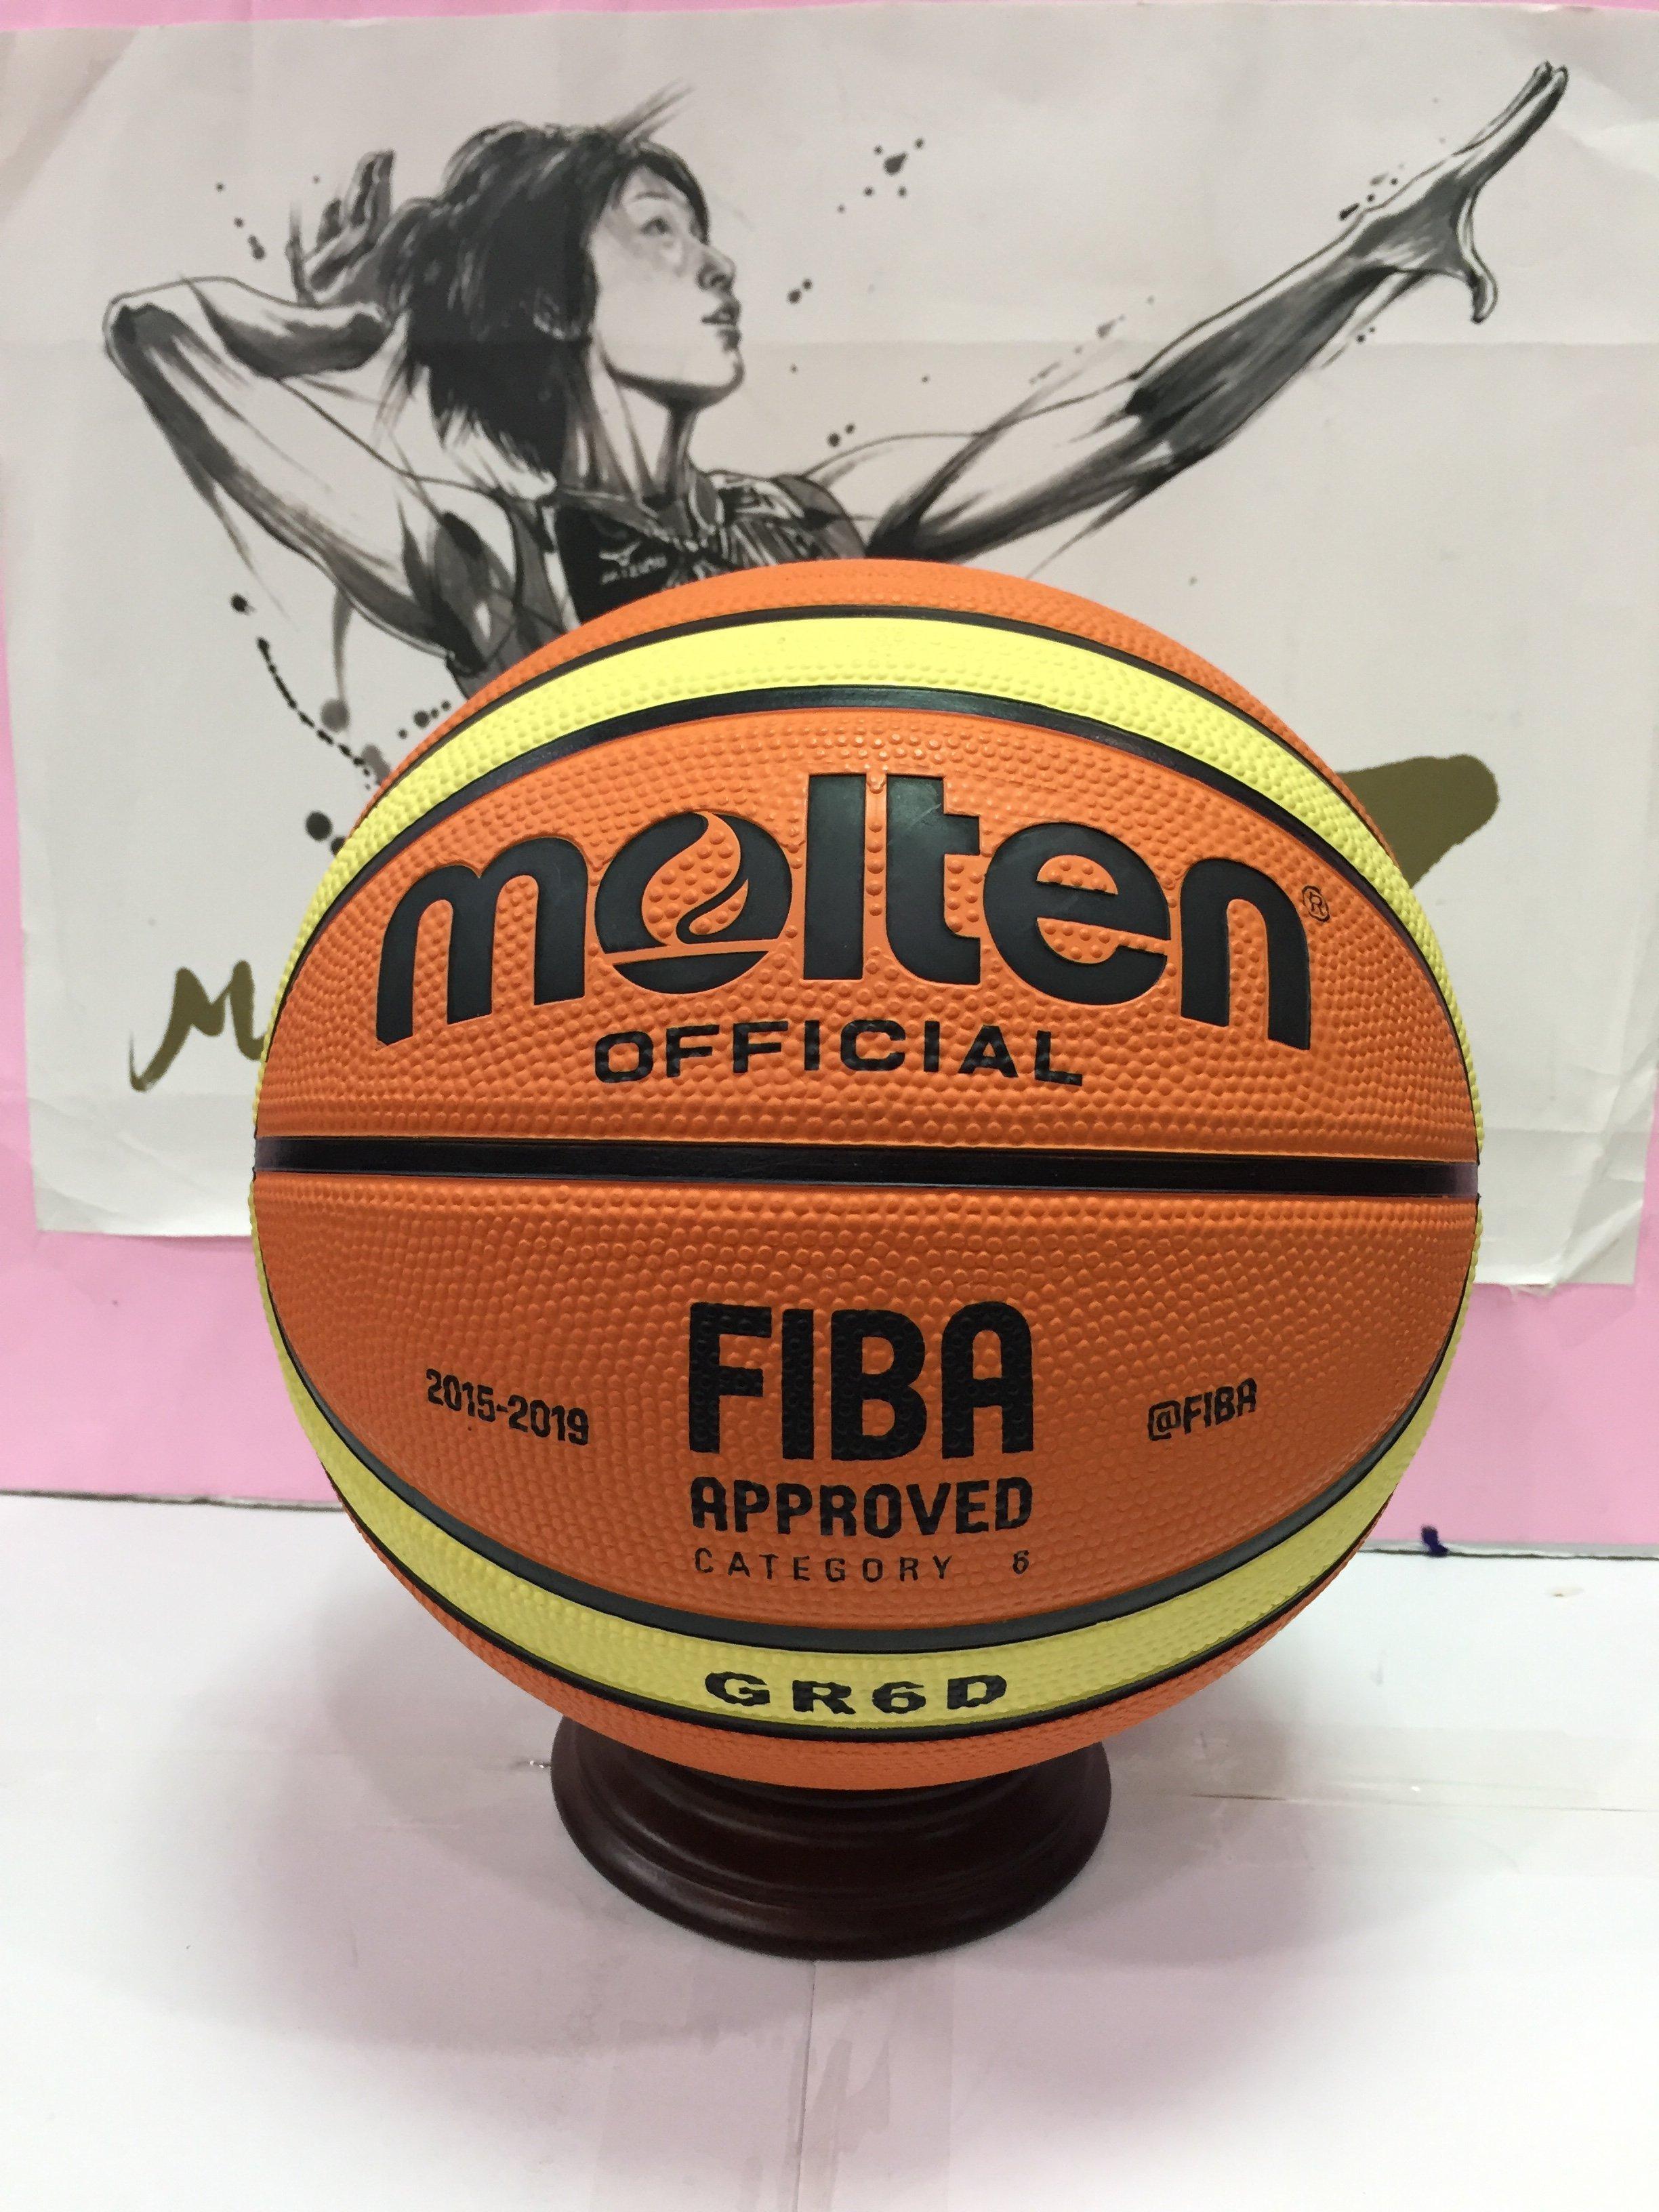 麥可籃球 MOLTEN 品牌 GR6D 6號 室外籃球 橡膠籃球 黏性強 耐用 FIBA 深籃 橘黃 女生